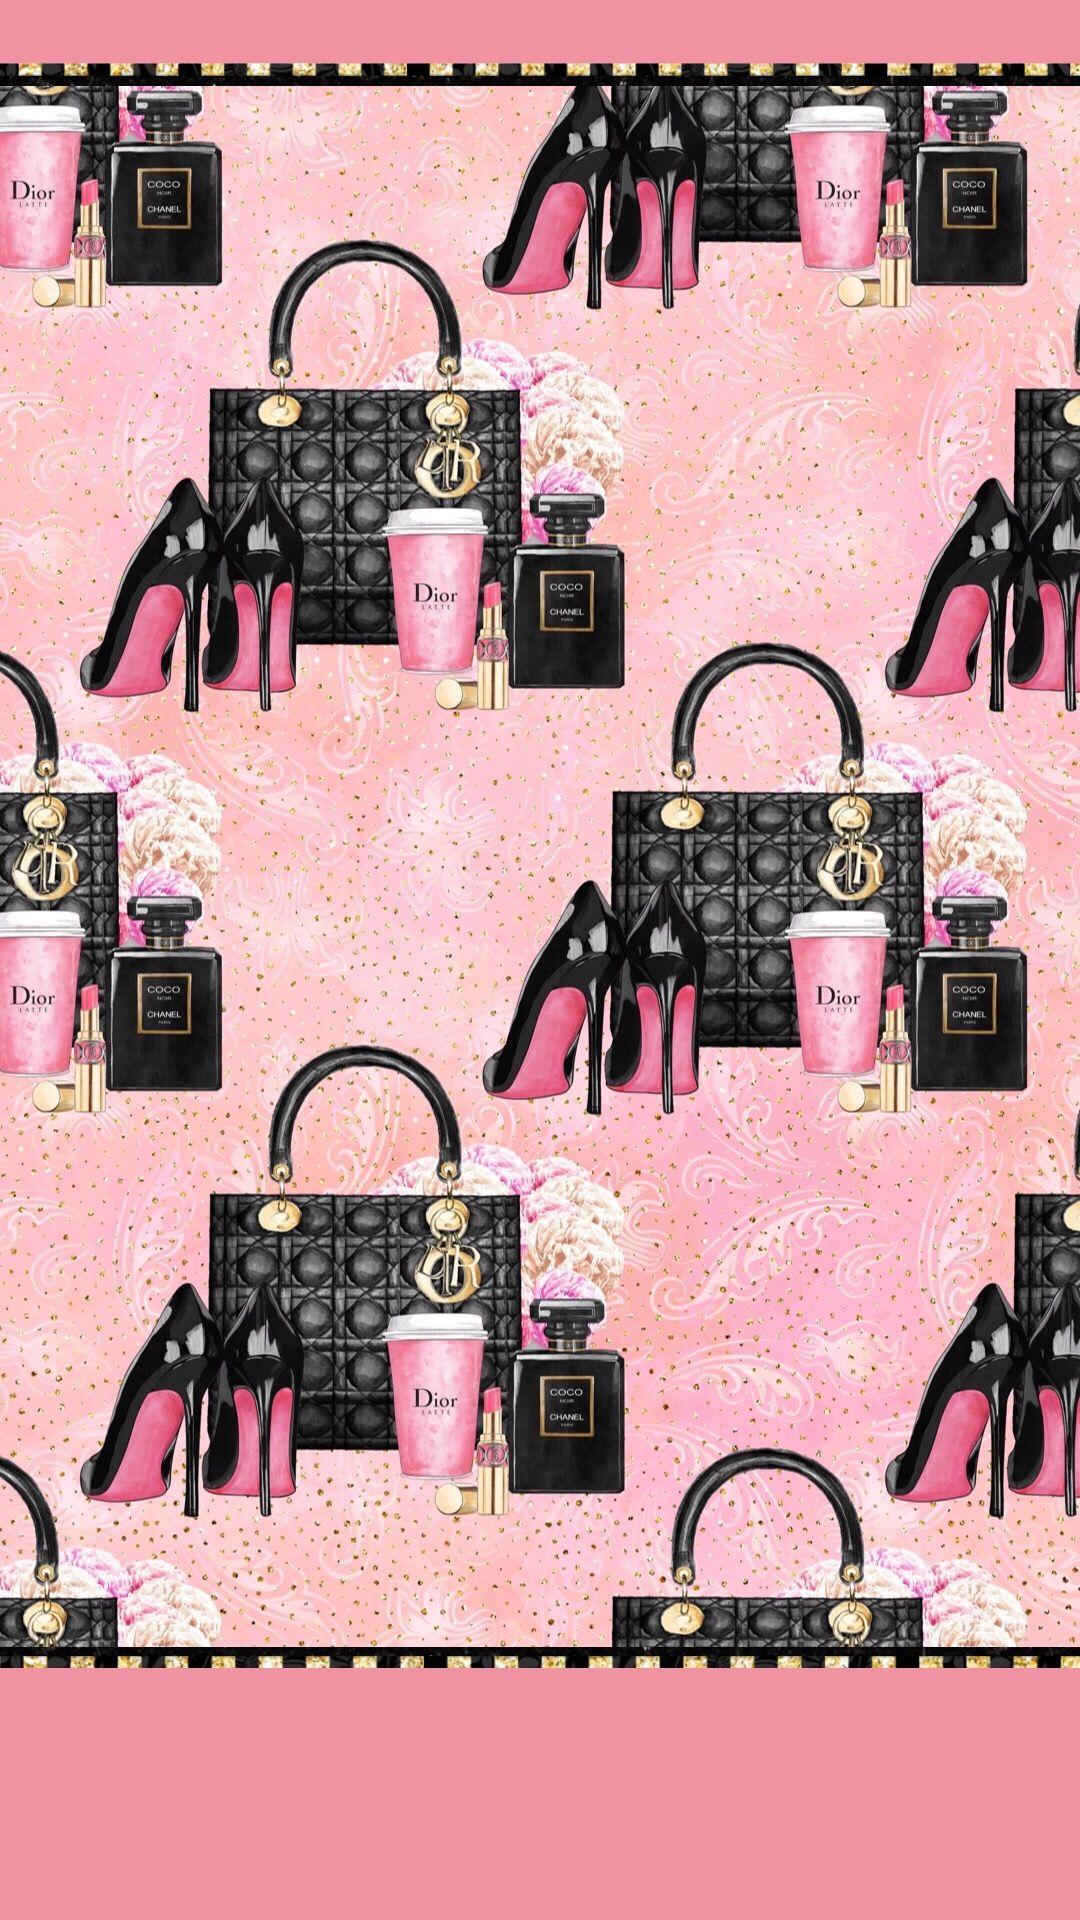 ゆめかわいい Chanel の画像 投稿者 お な さん シャネル 壁紙